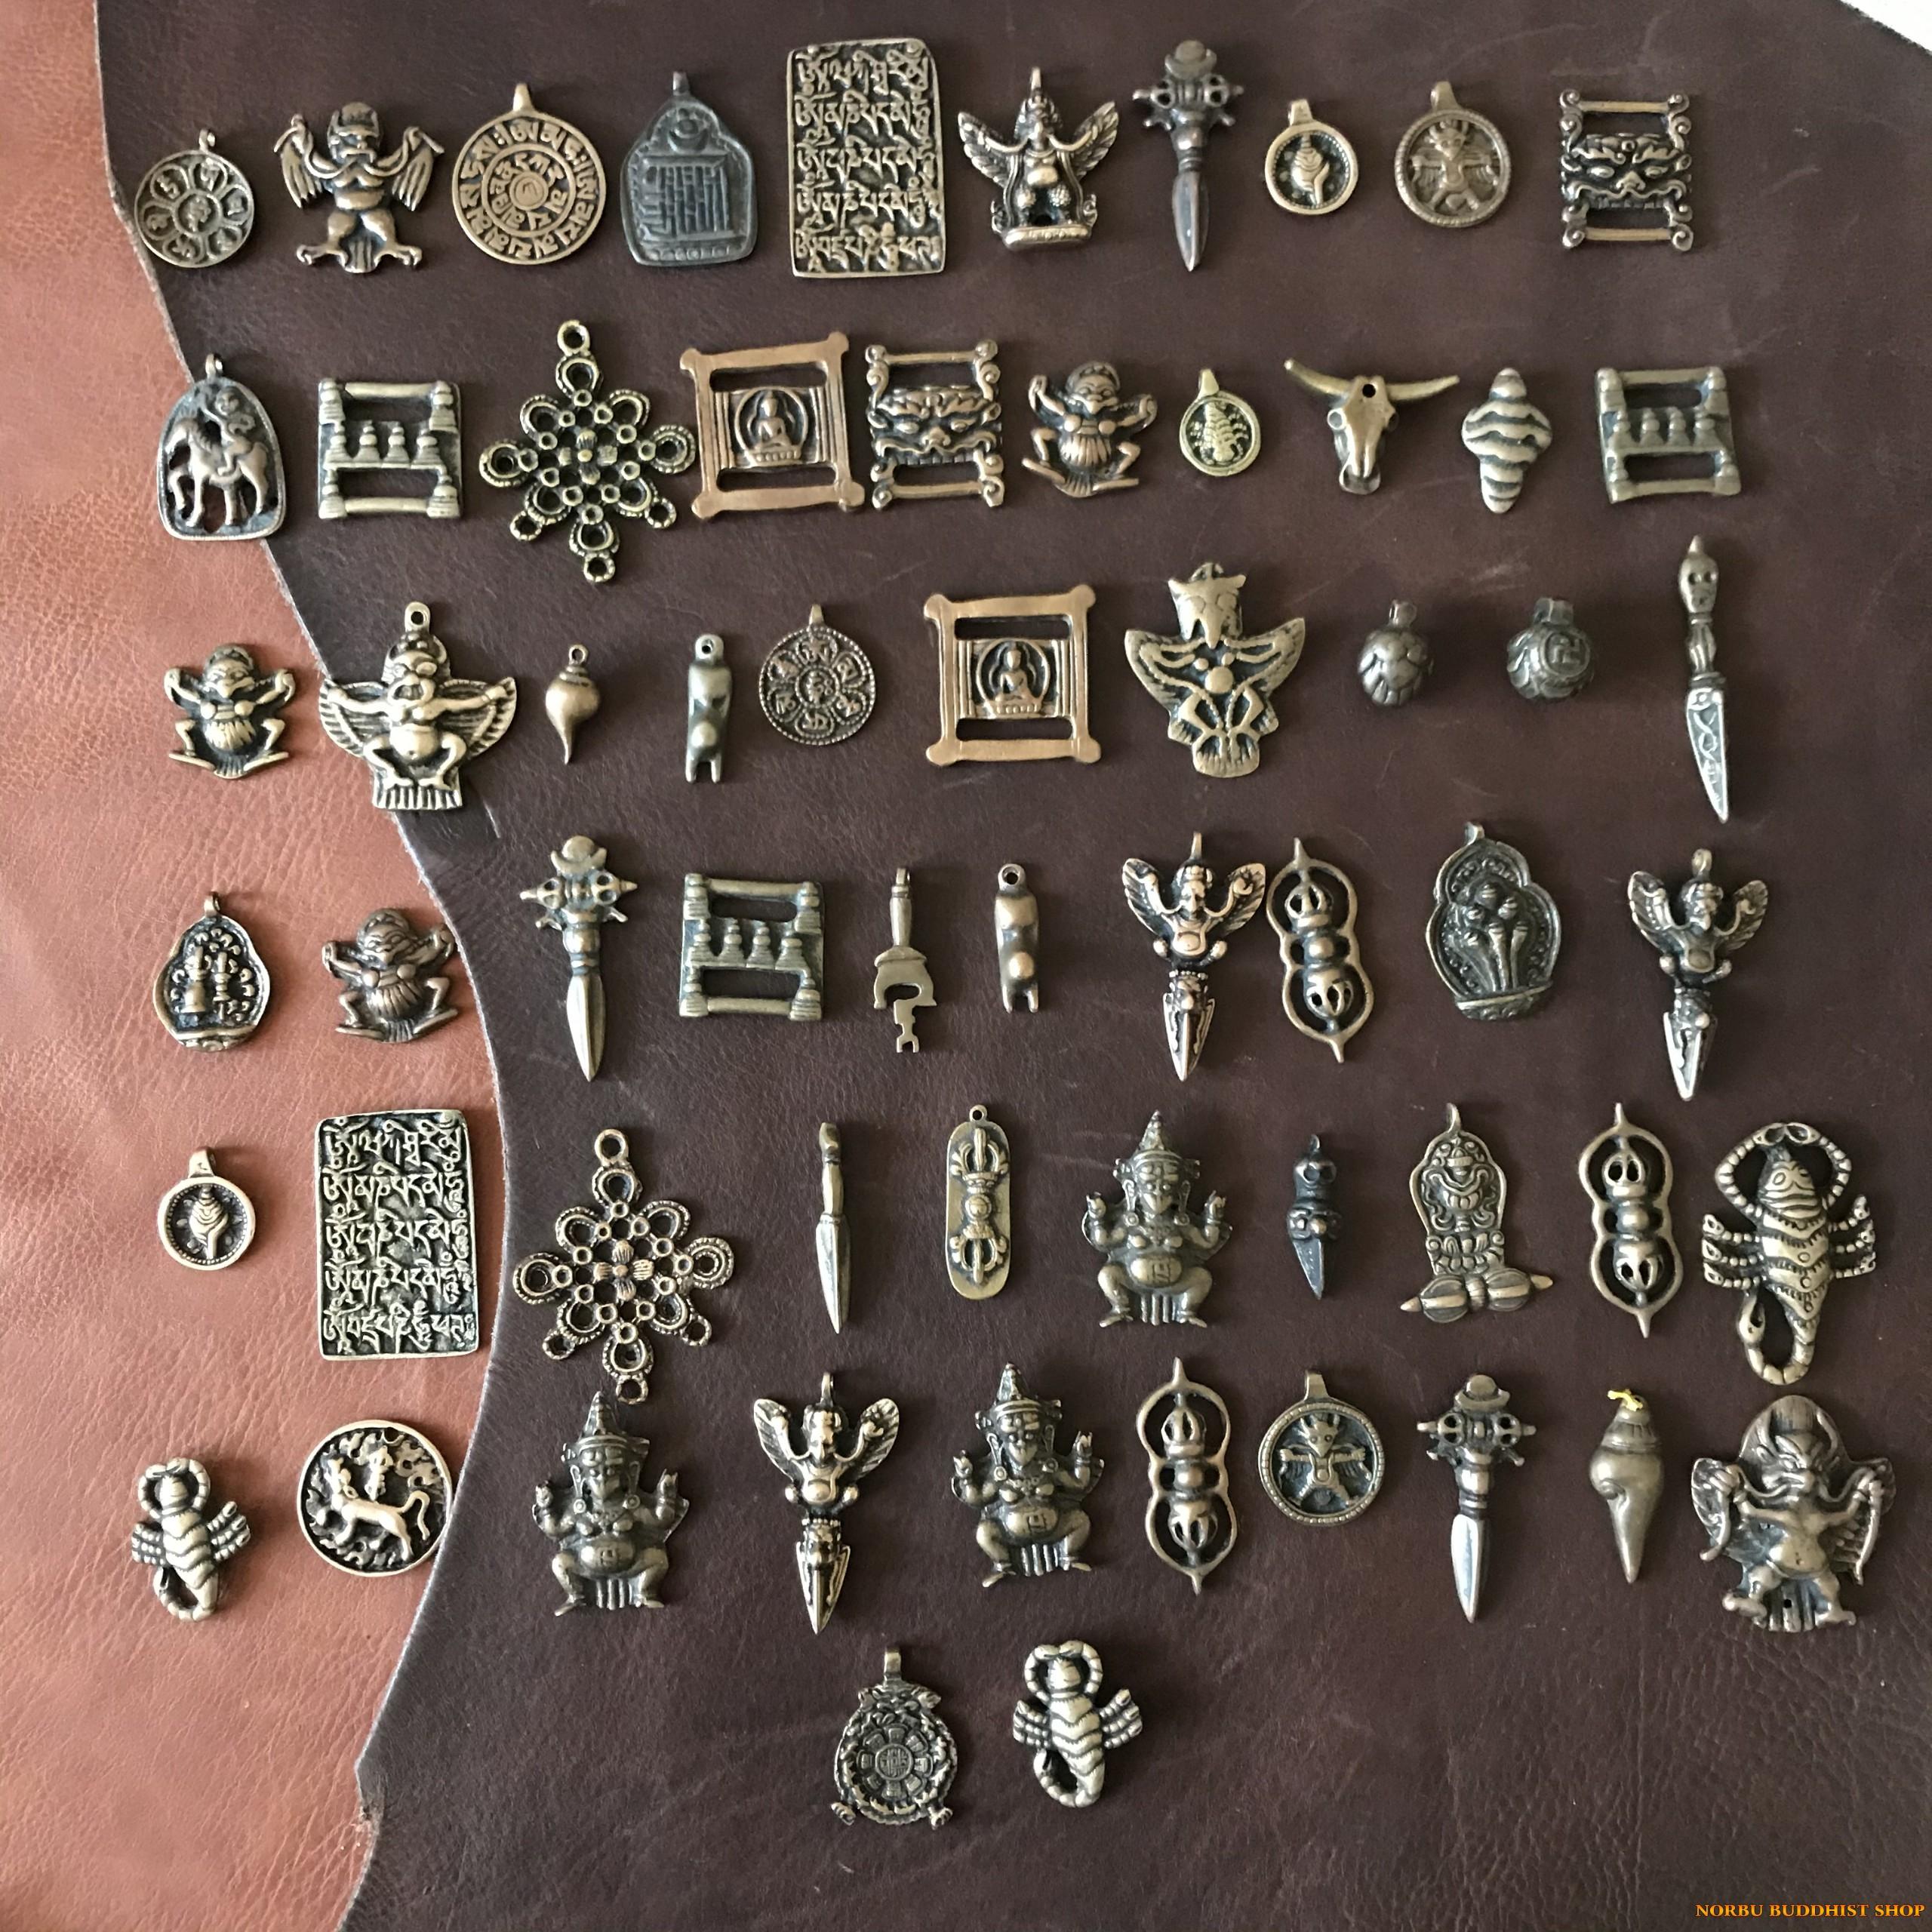 Thokcha bùa hộ mệnh xứ Tây Tạng Bí mật Thogcha Amulets mà bạn cần biết 4